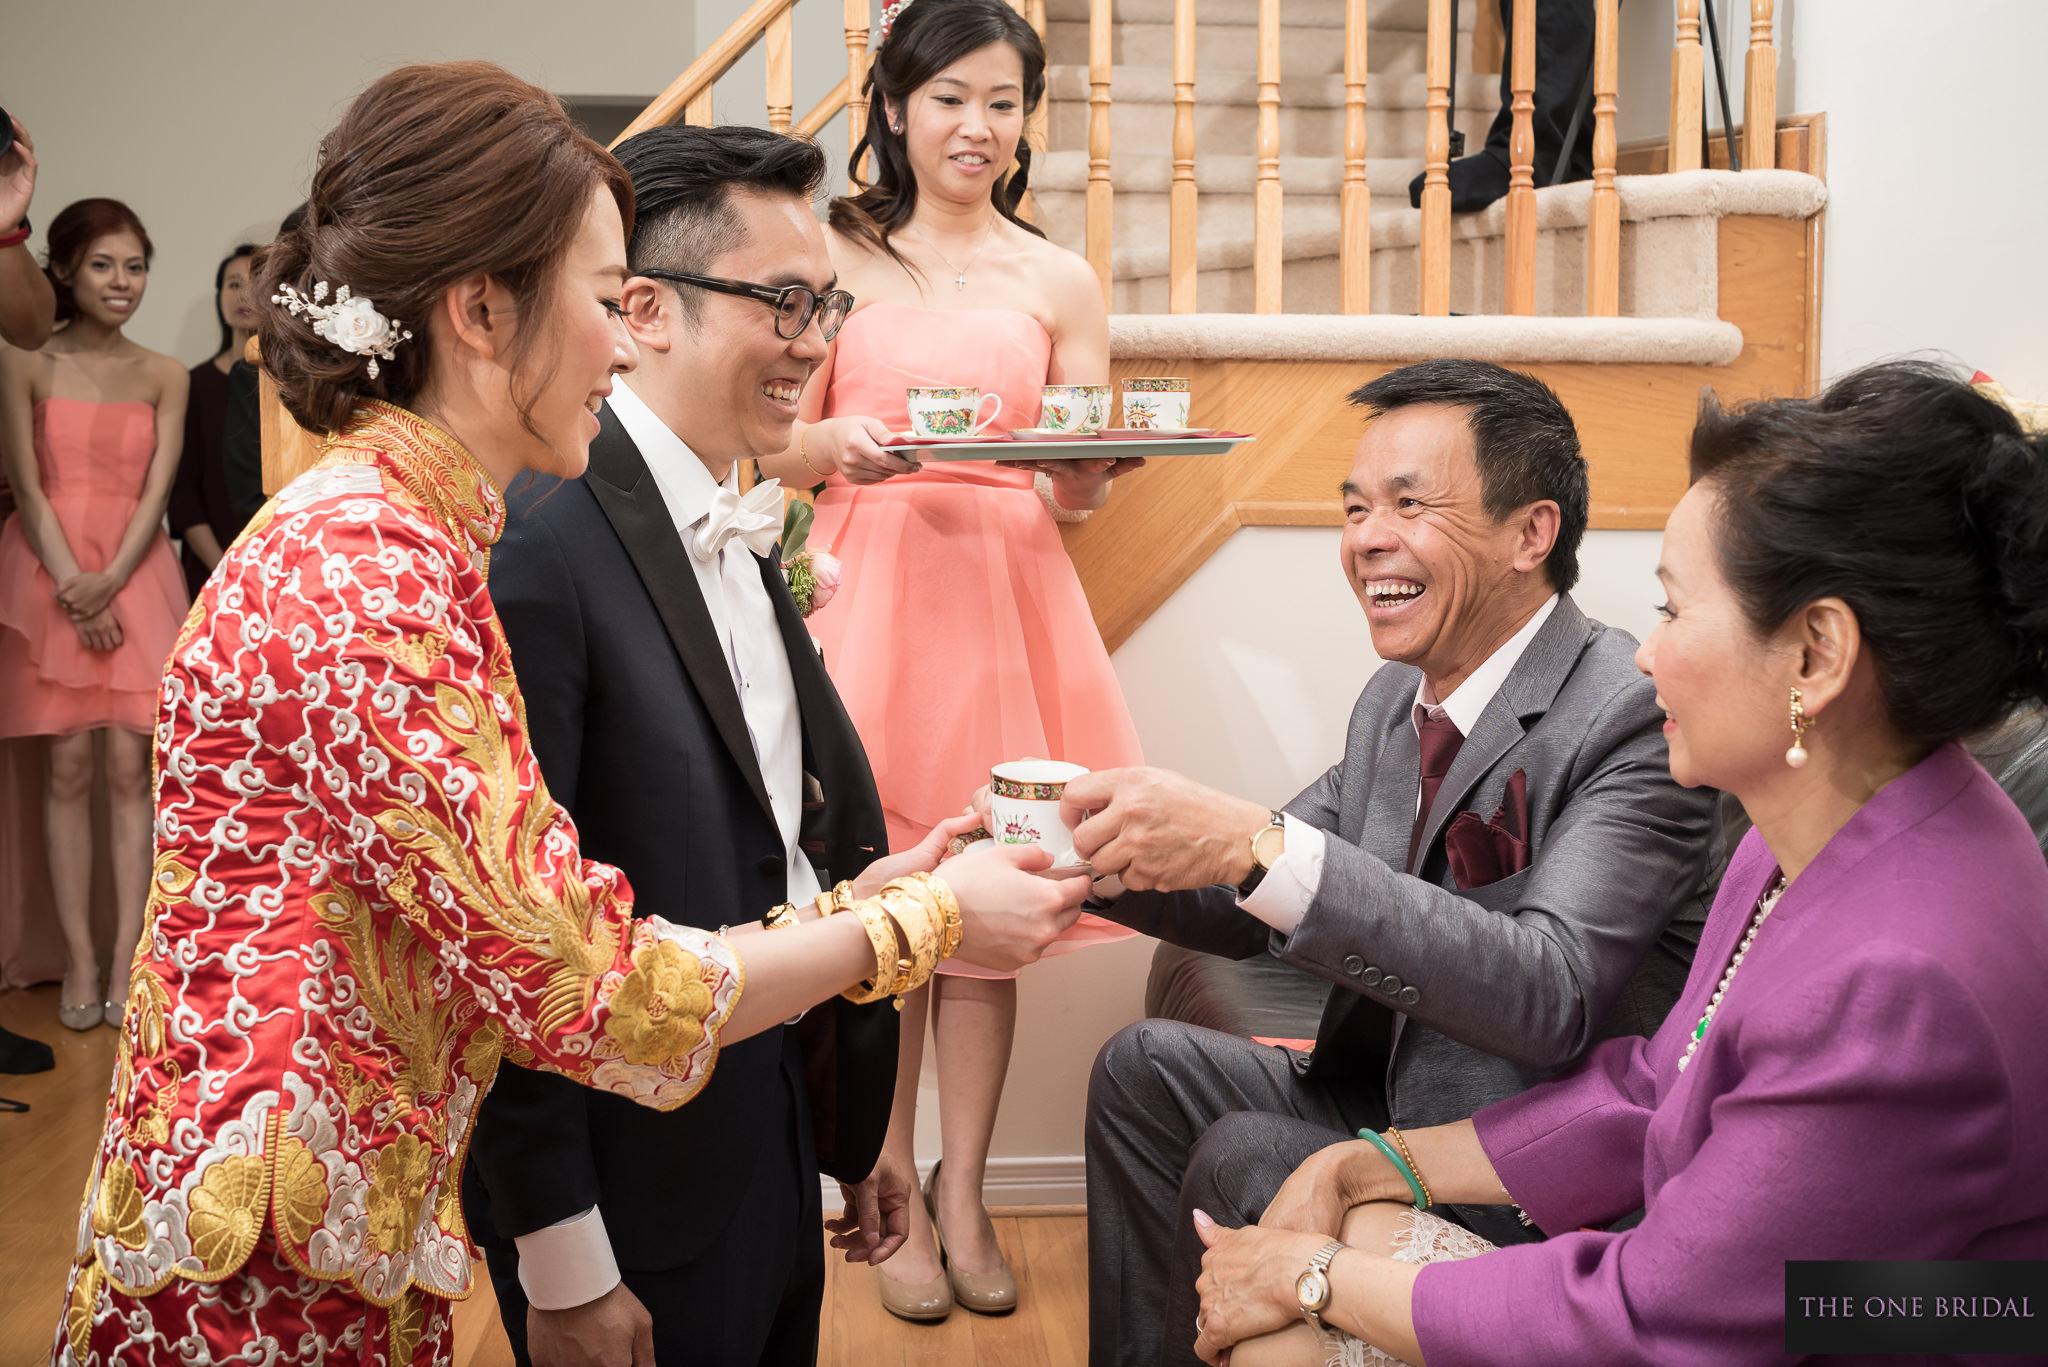 mandarin-golf-club-wedding-markham-the-one-bridal-075